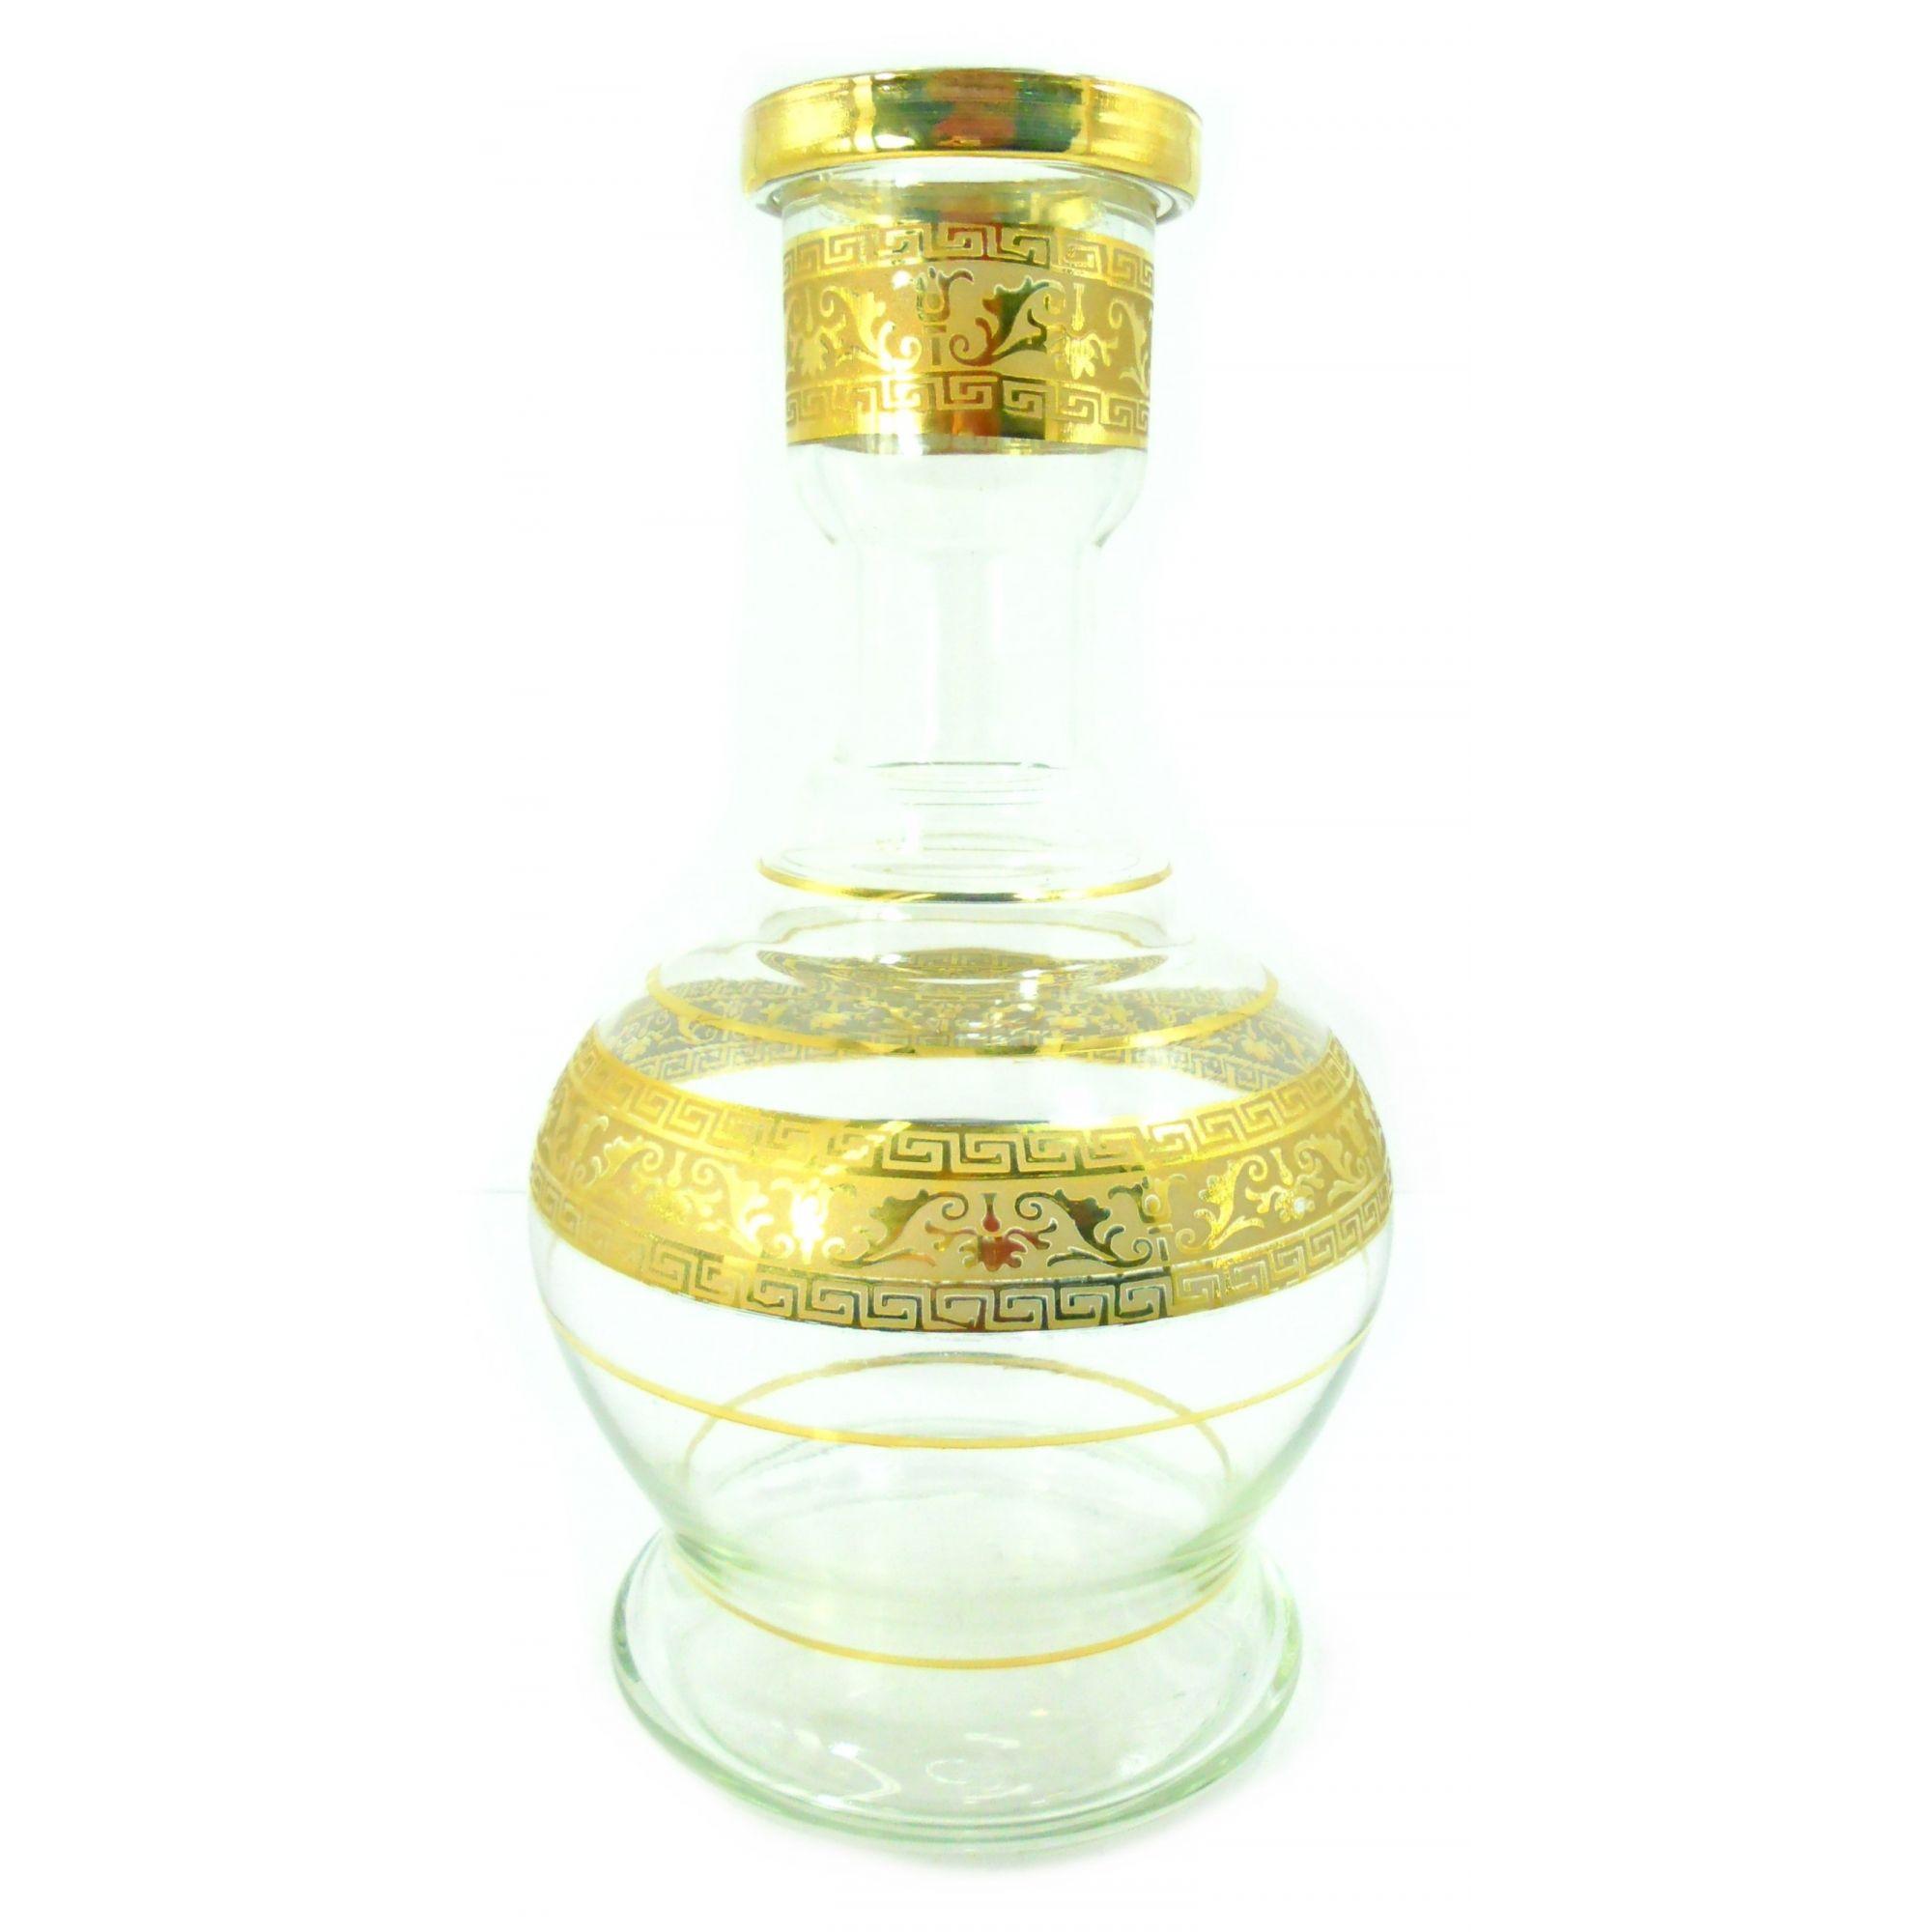 Vaso/base para narguile formato JUMBO GRANDE 33cm, decorado faixa grega dourado 5,4cm diâm. encaixe